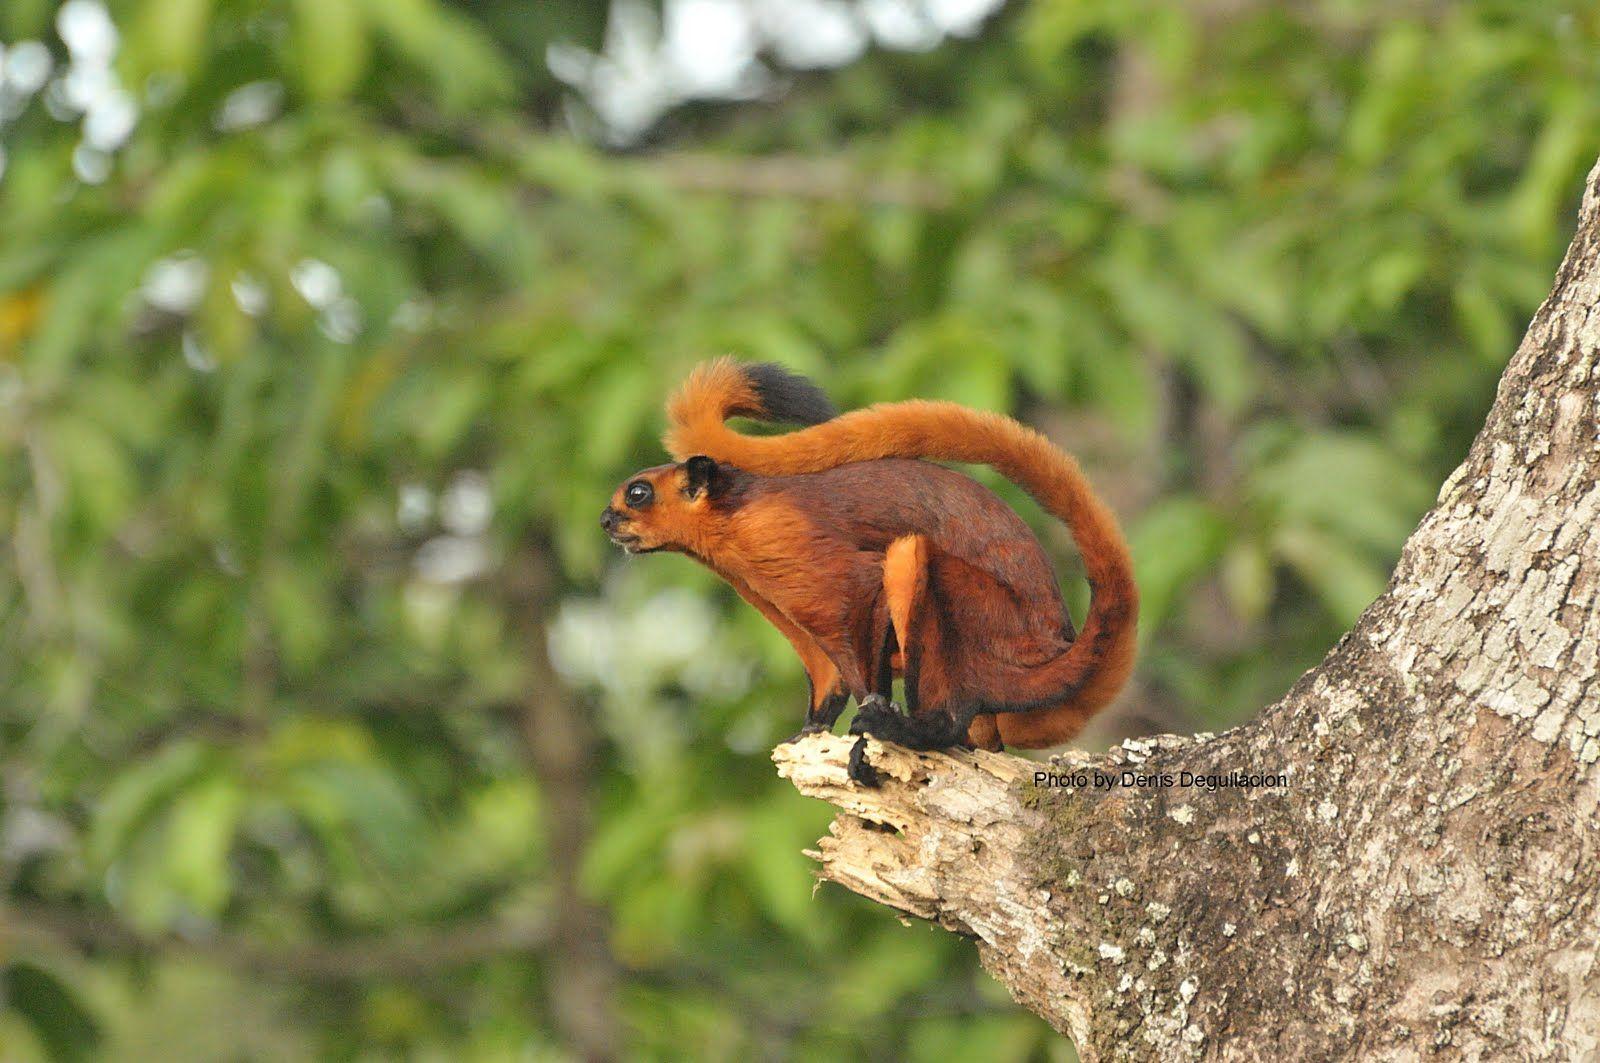 学名 Pteromys momonga 和名 モモンガニホンモモンガホンドモモンガ 英名 Japanese dwarf flying squirrel Japanese lesser flying squirrel